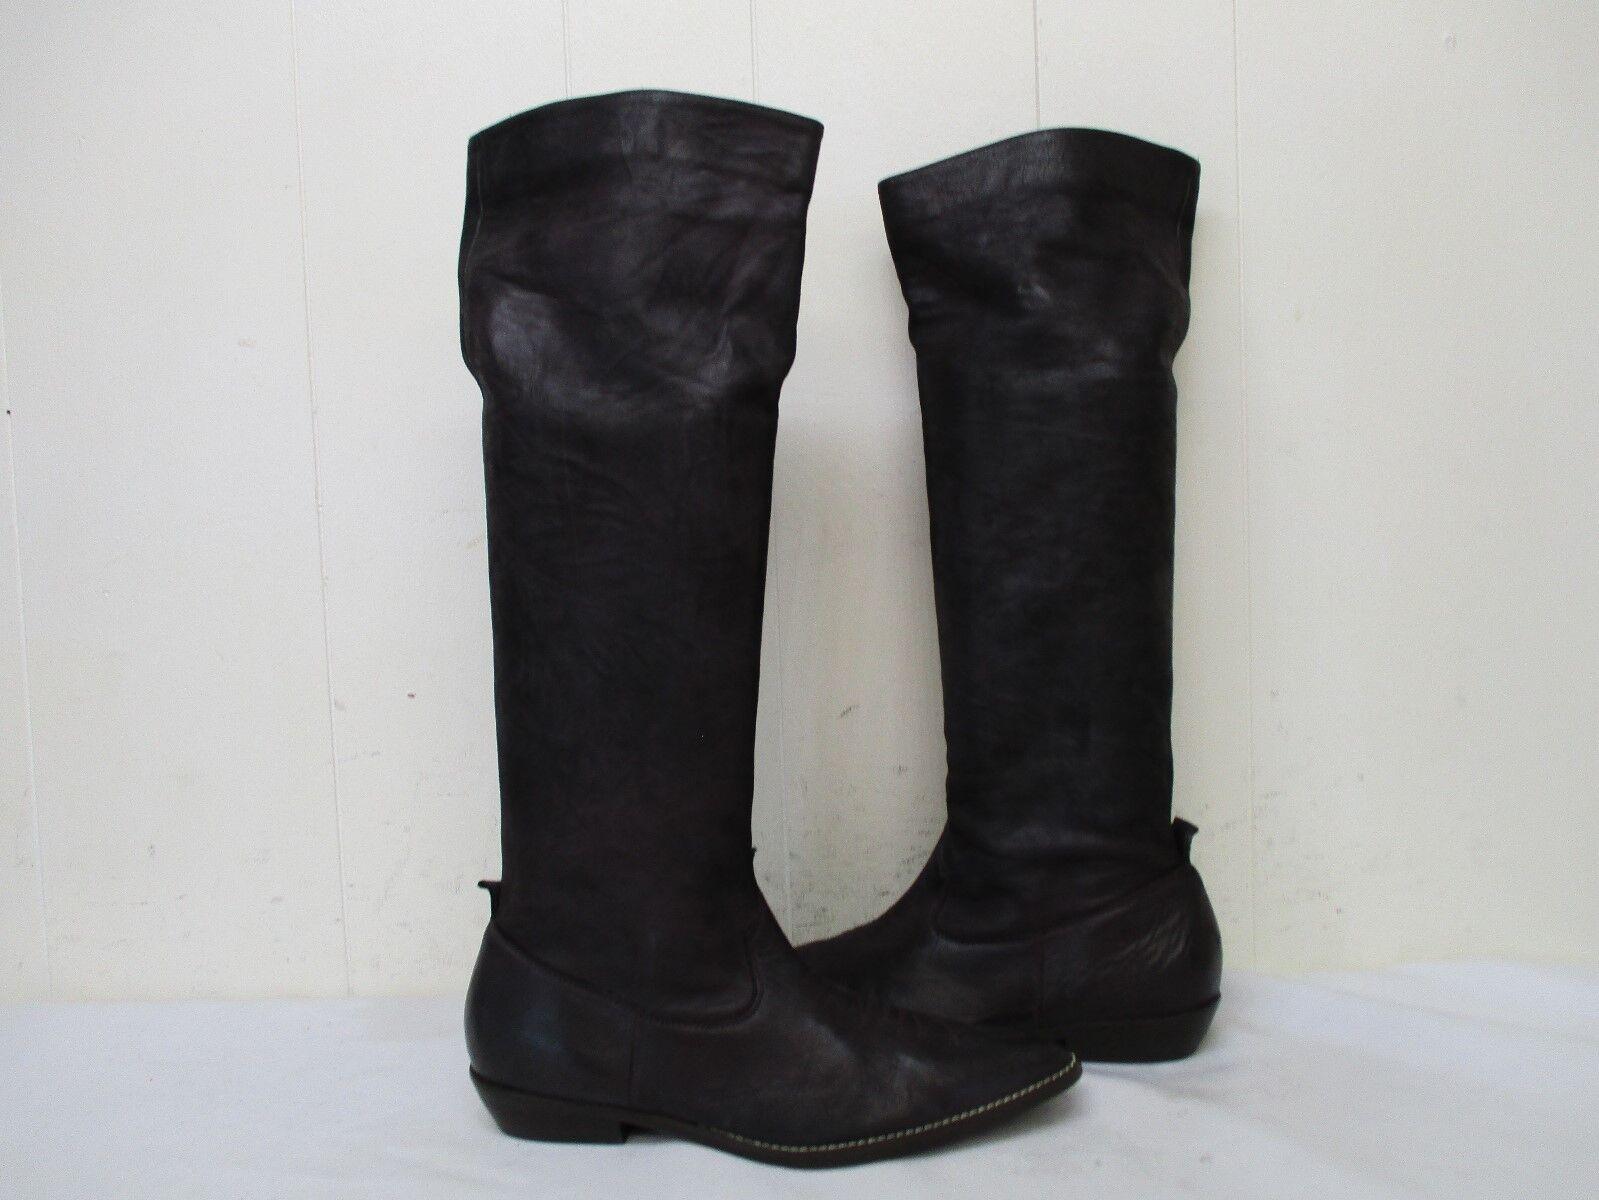 DONALD J PLINER Western Couture Brown Leather Cowboy 6 Fashion Boots Womens Sz 6 Cowboy M 12d69b